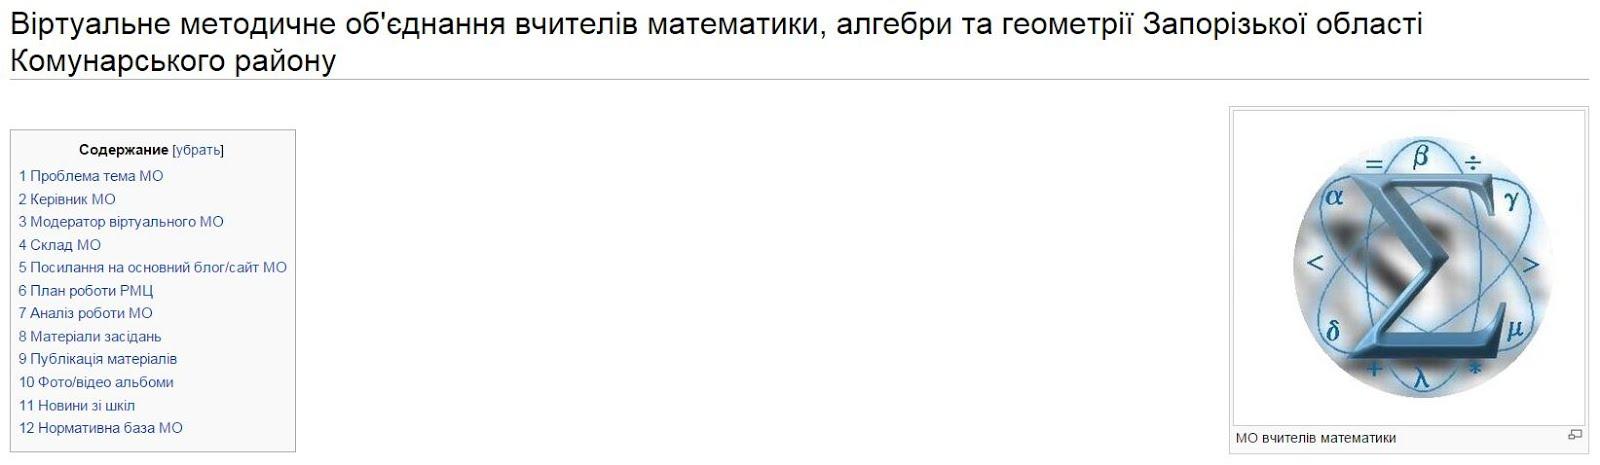 Віртуальне МО вчителів математикиї Запорізької області Комунарського району